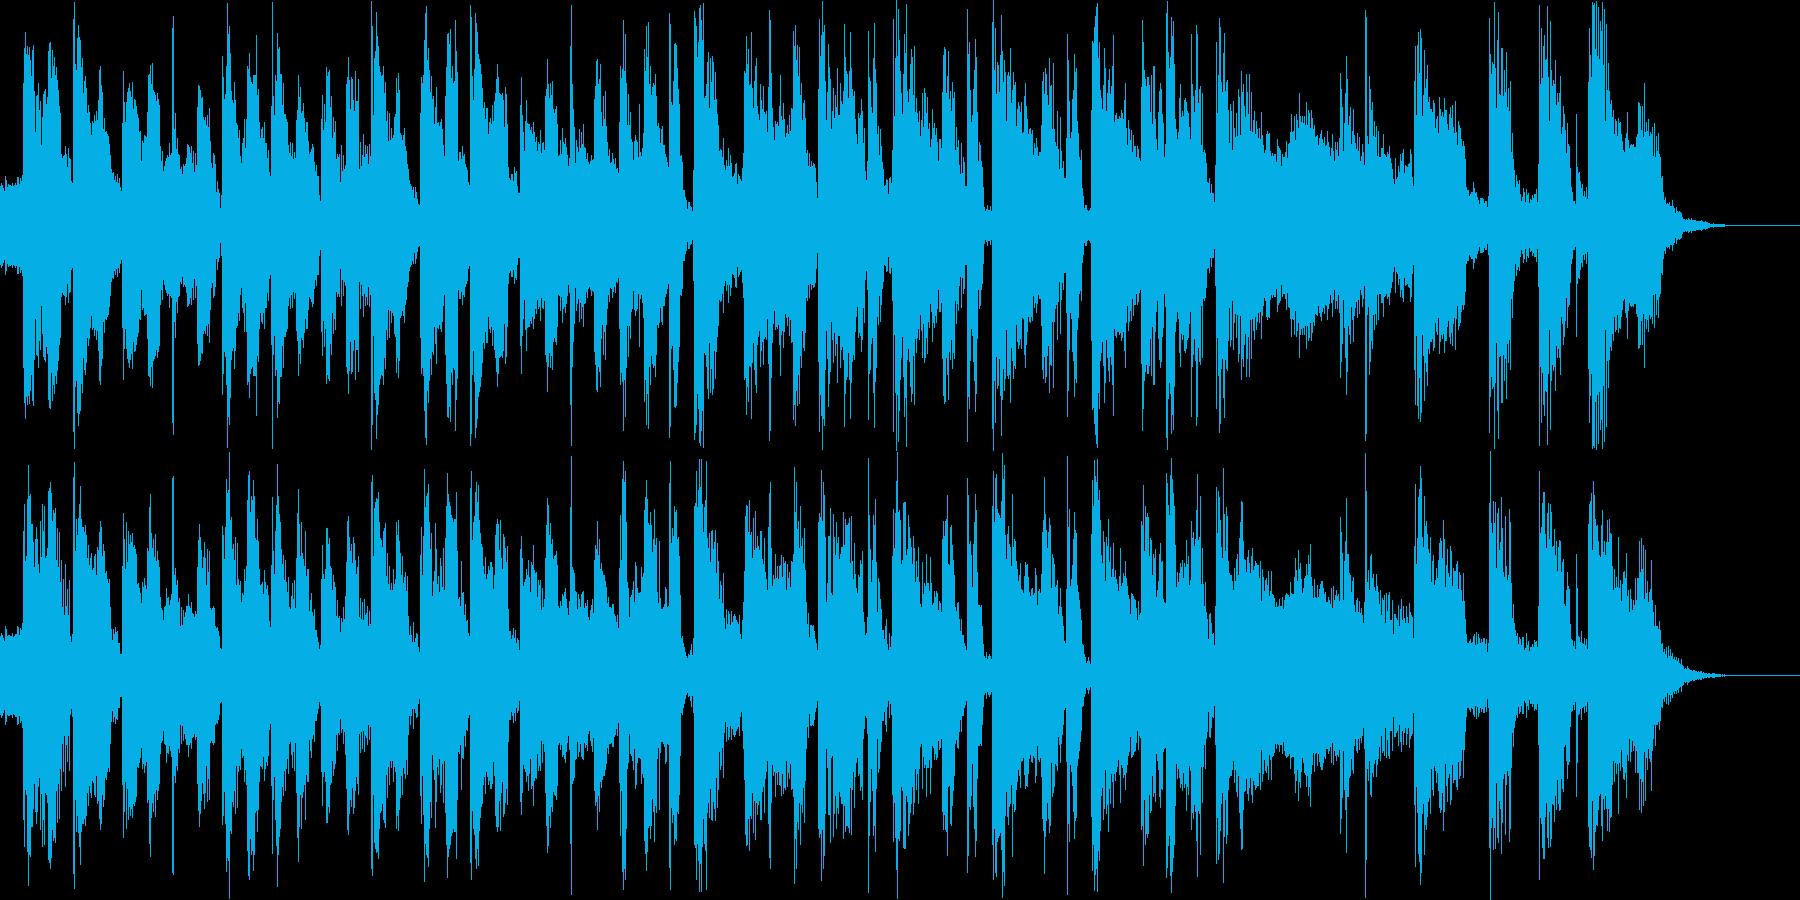 テクノで雰囲気があるBGMの再生済みの波形